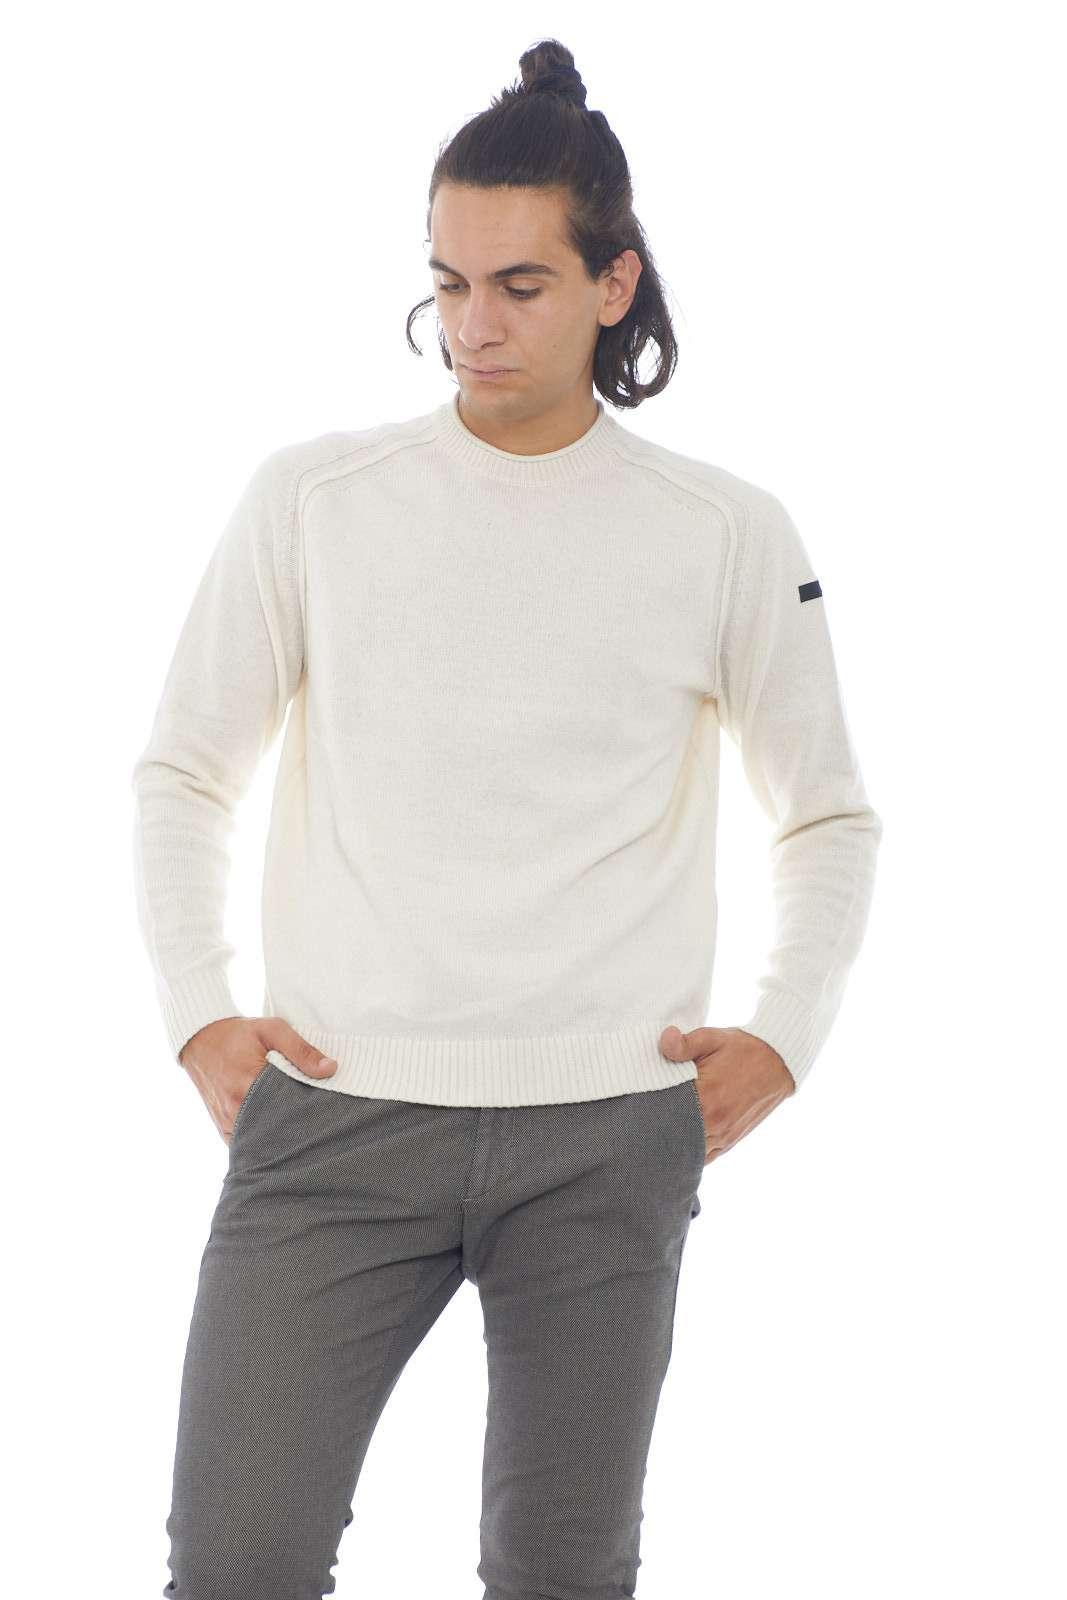 Una maglia che conquisterà un posto all'interno del tuo outfit preferito. Calda e comoda da indossare, si abbinerà facilmente ad ogni look tu voglia, dai jeans, ai pantaloni, per uno stile sempre diverso, ma mai banale. Il modello è alto 1.90m e indossa la taglia 52.